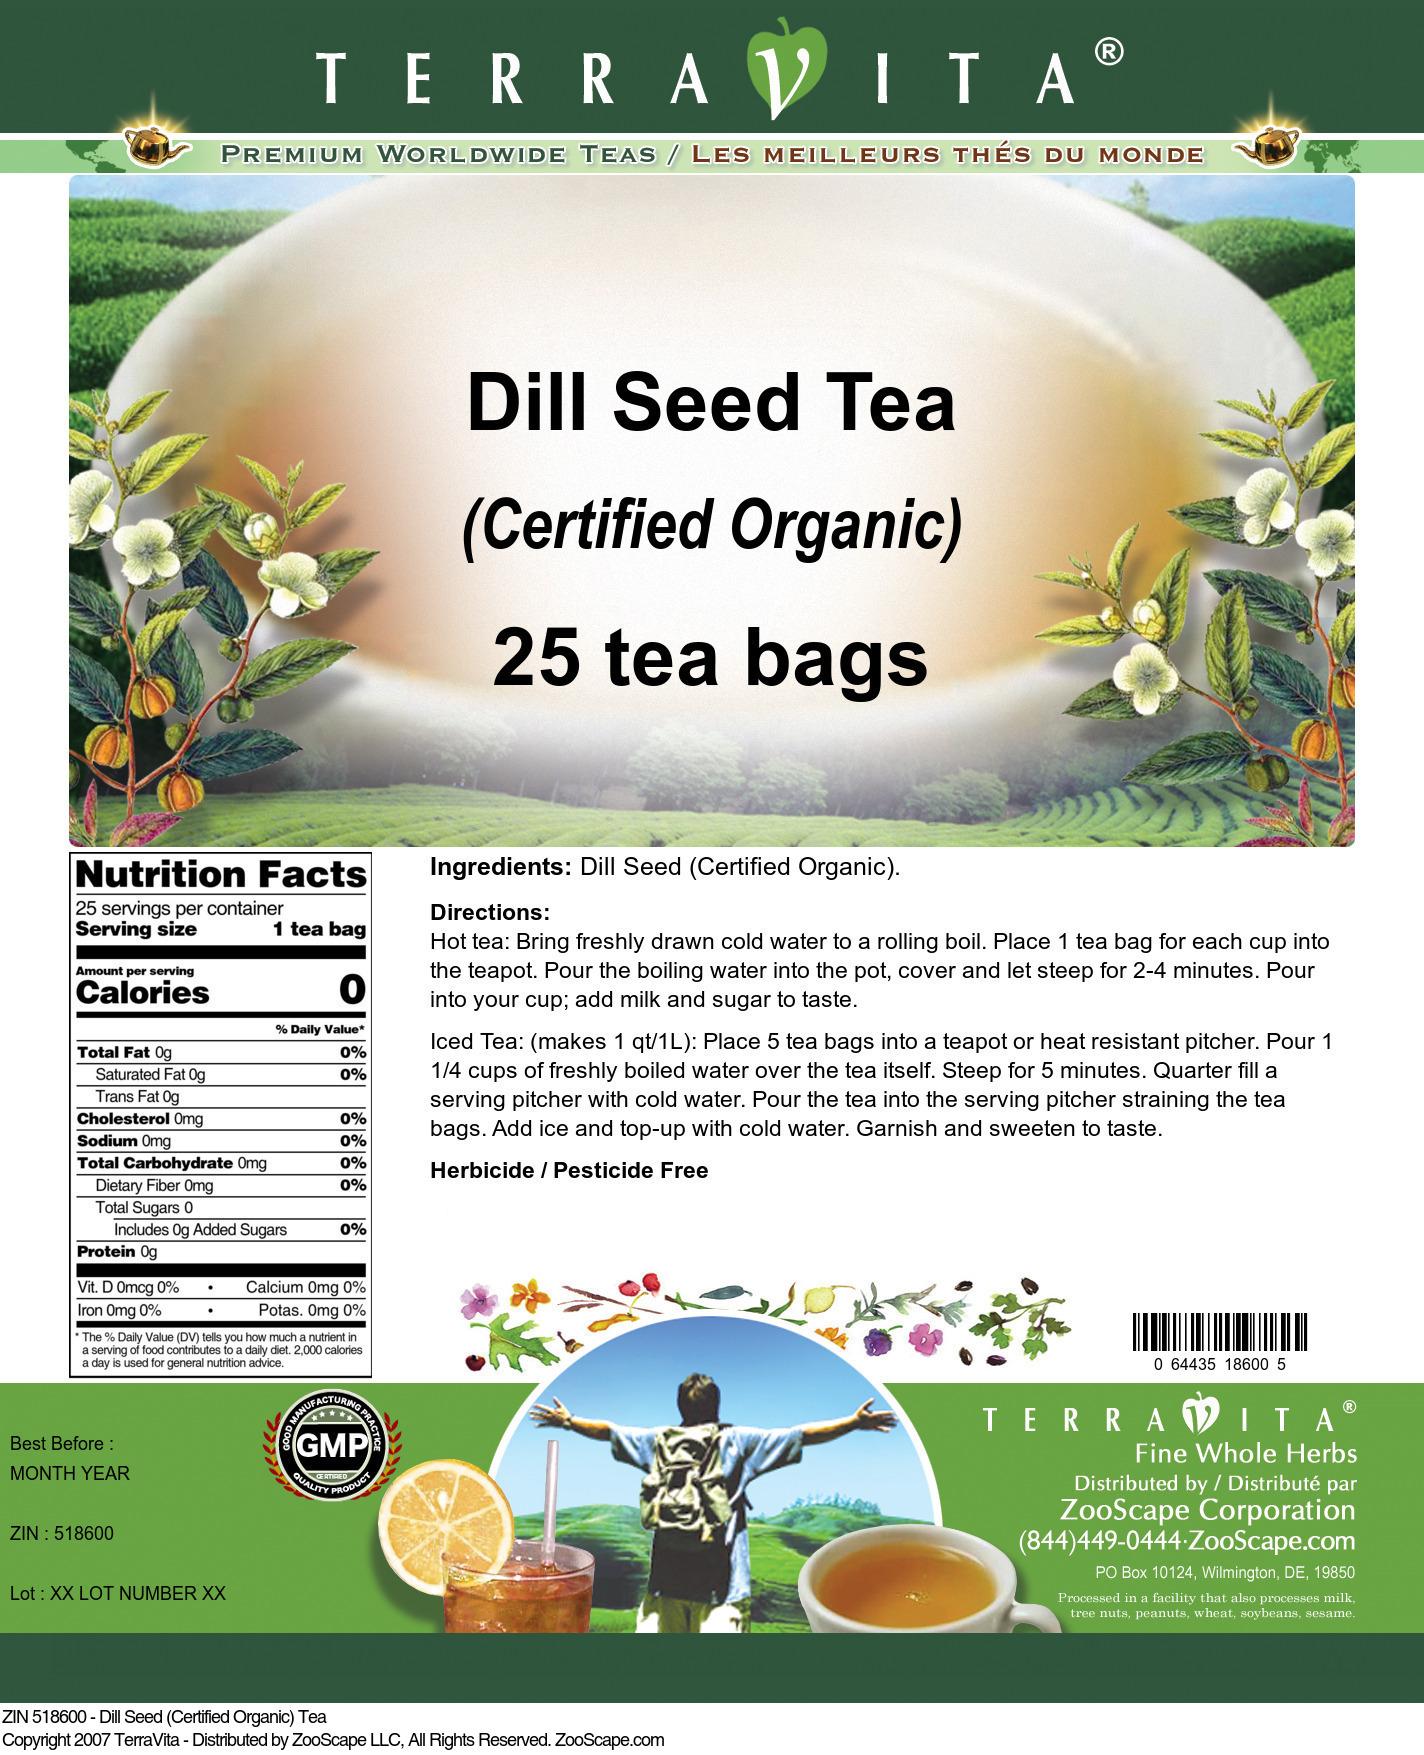 Dill Seed (Certified Organic) Tea